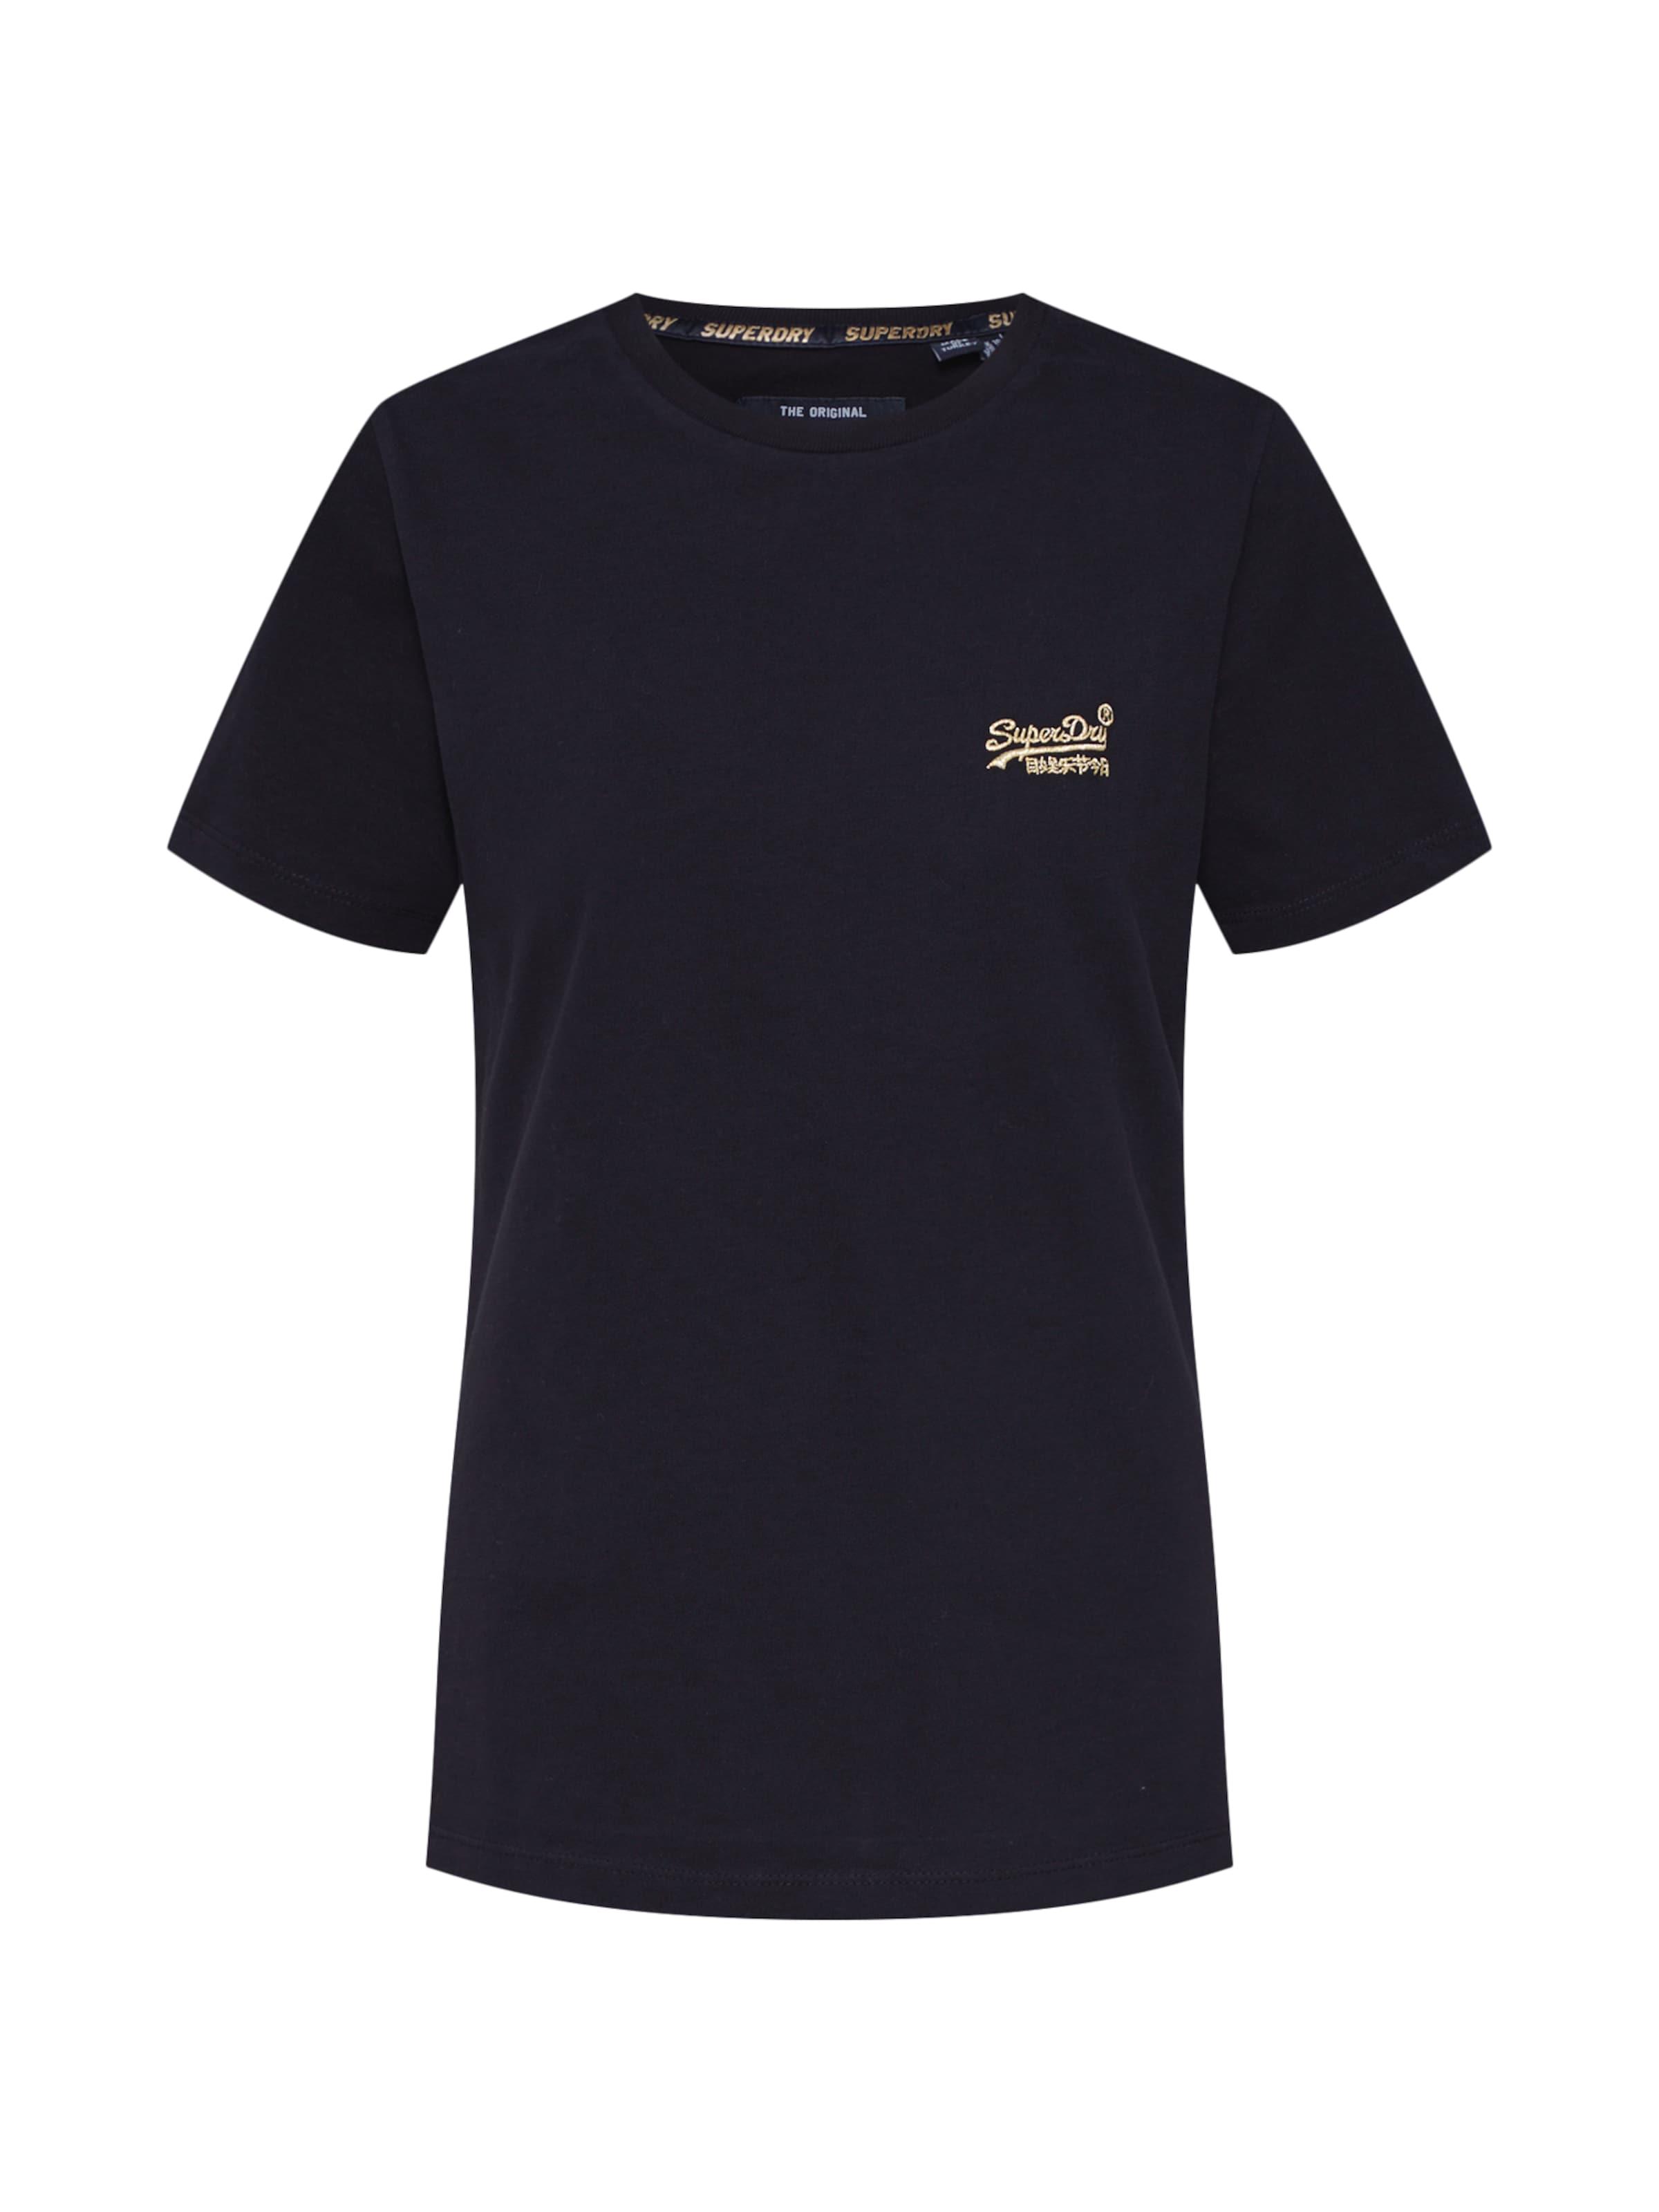 In Schwarz Orange Tee' Elite Superdry Label 'core Shirt OXuiPZk